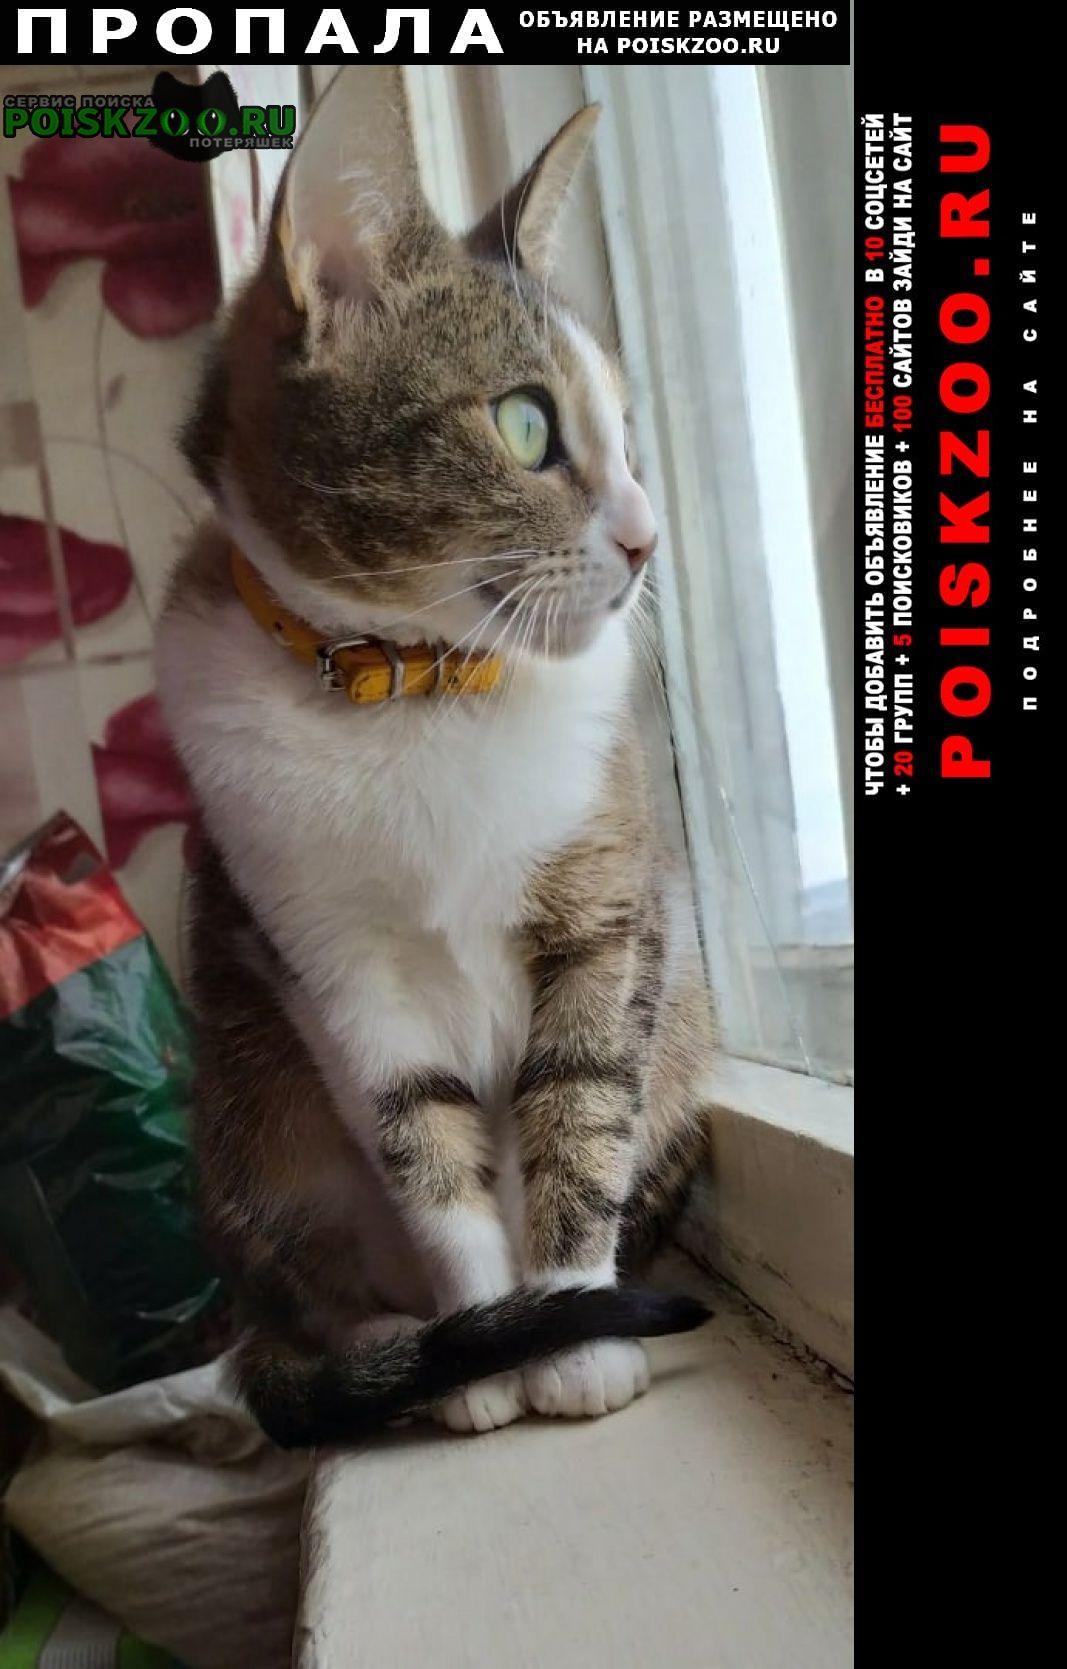 Пропала кошка потерялась, в районе дома 137 по к Мурманск